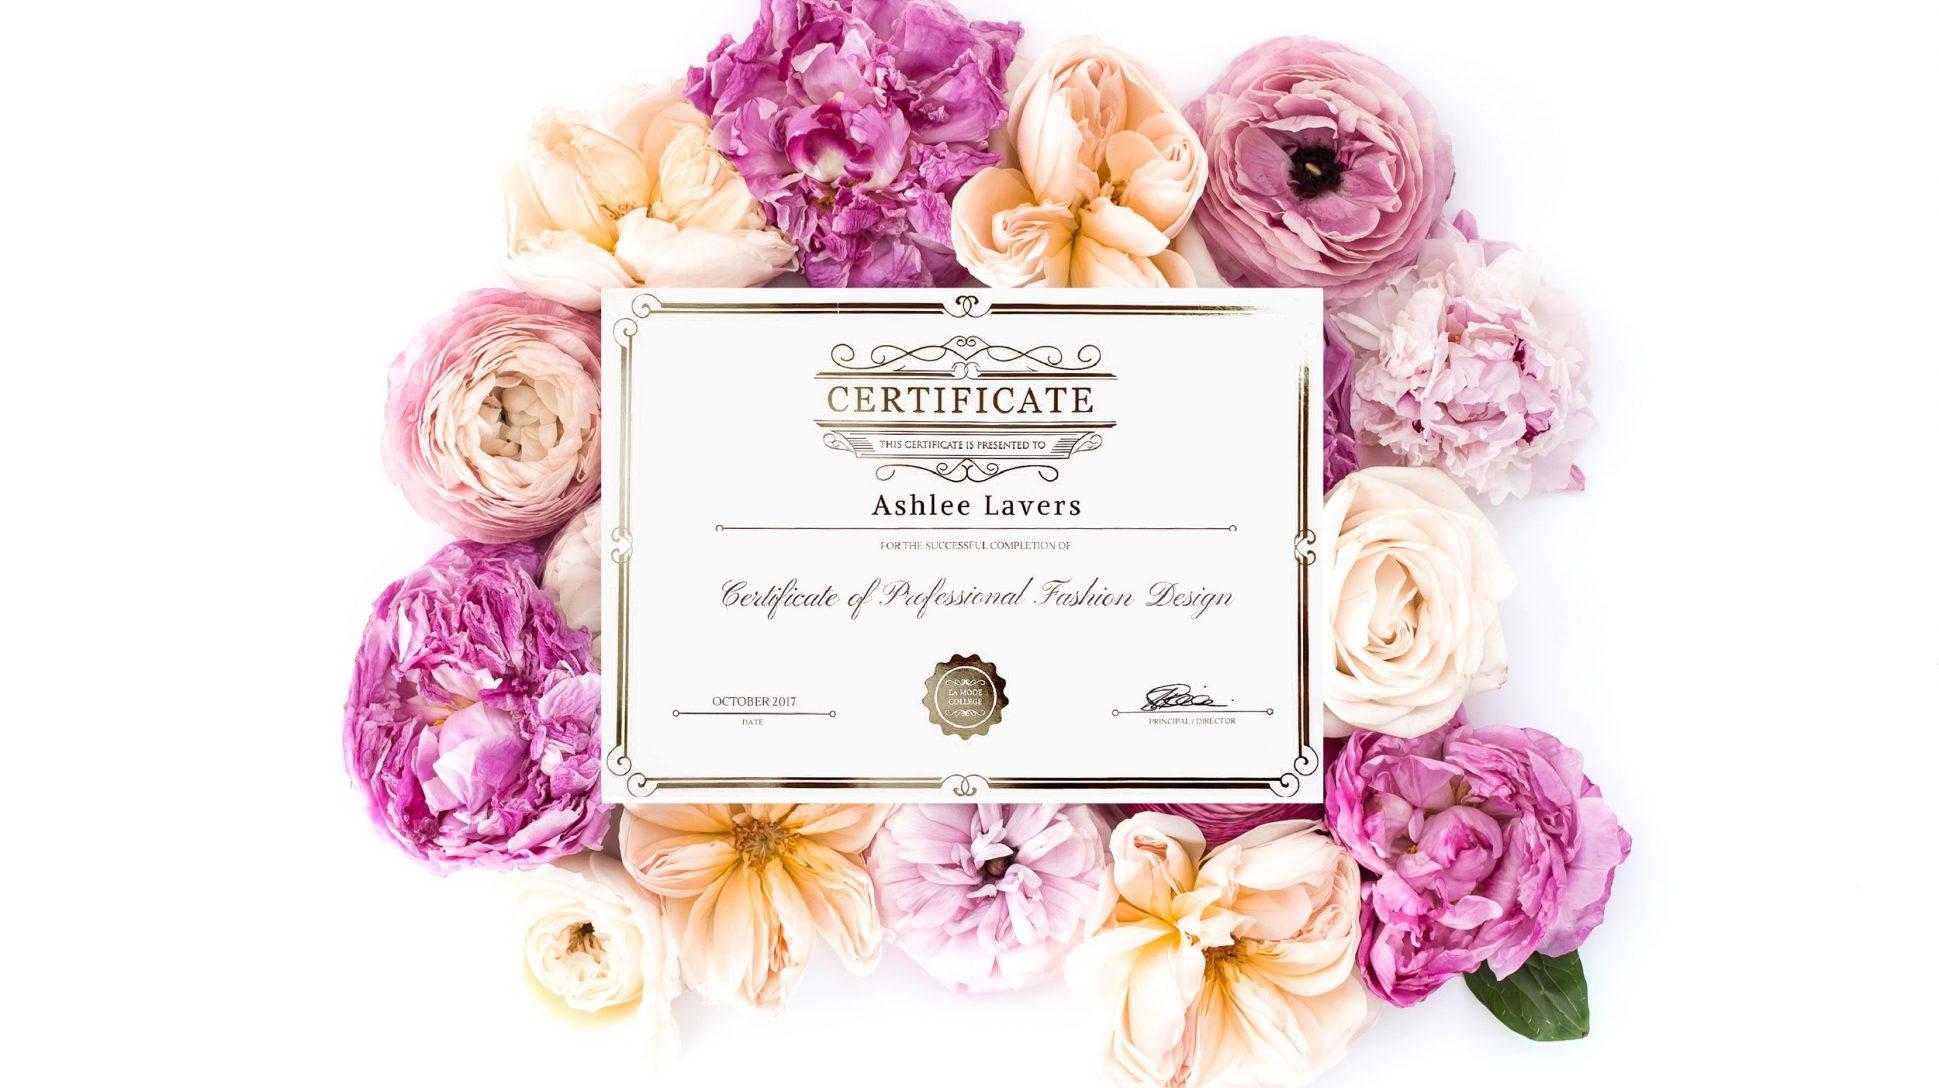 La-Mode-College-Certificate-of-Professional-Fashion-Deign-sml